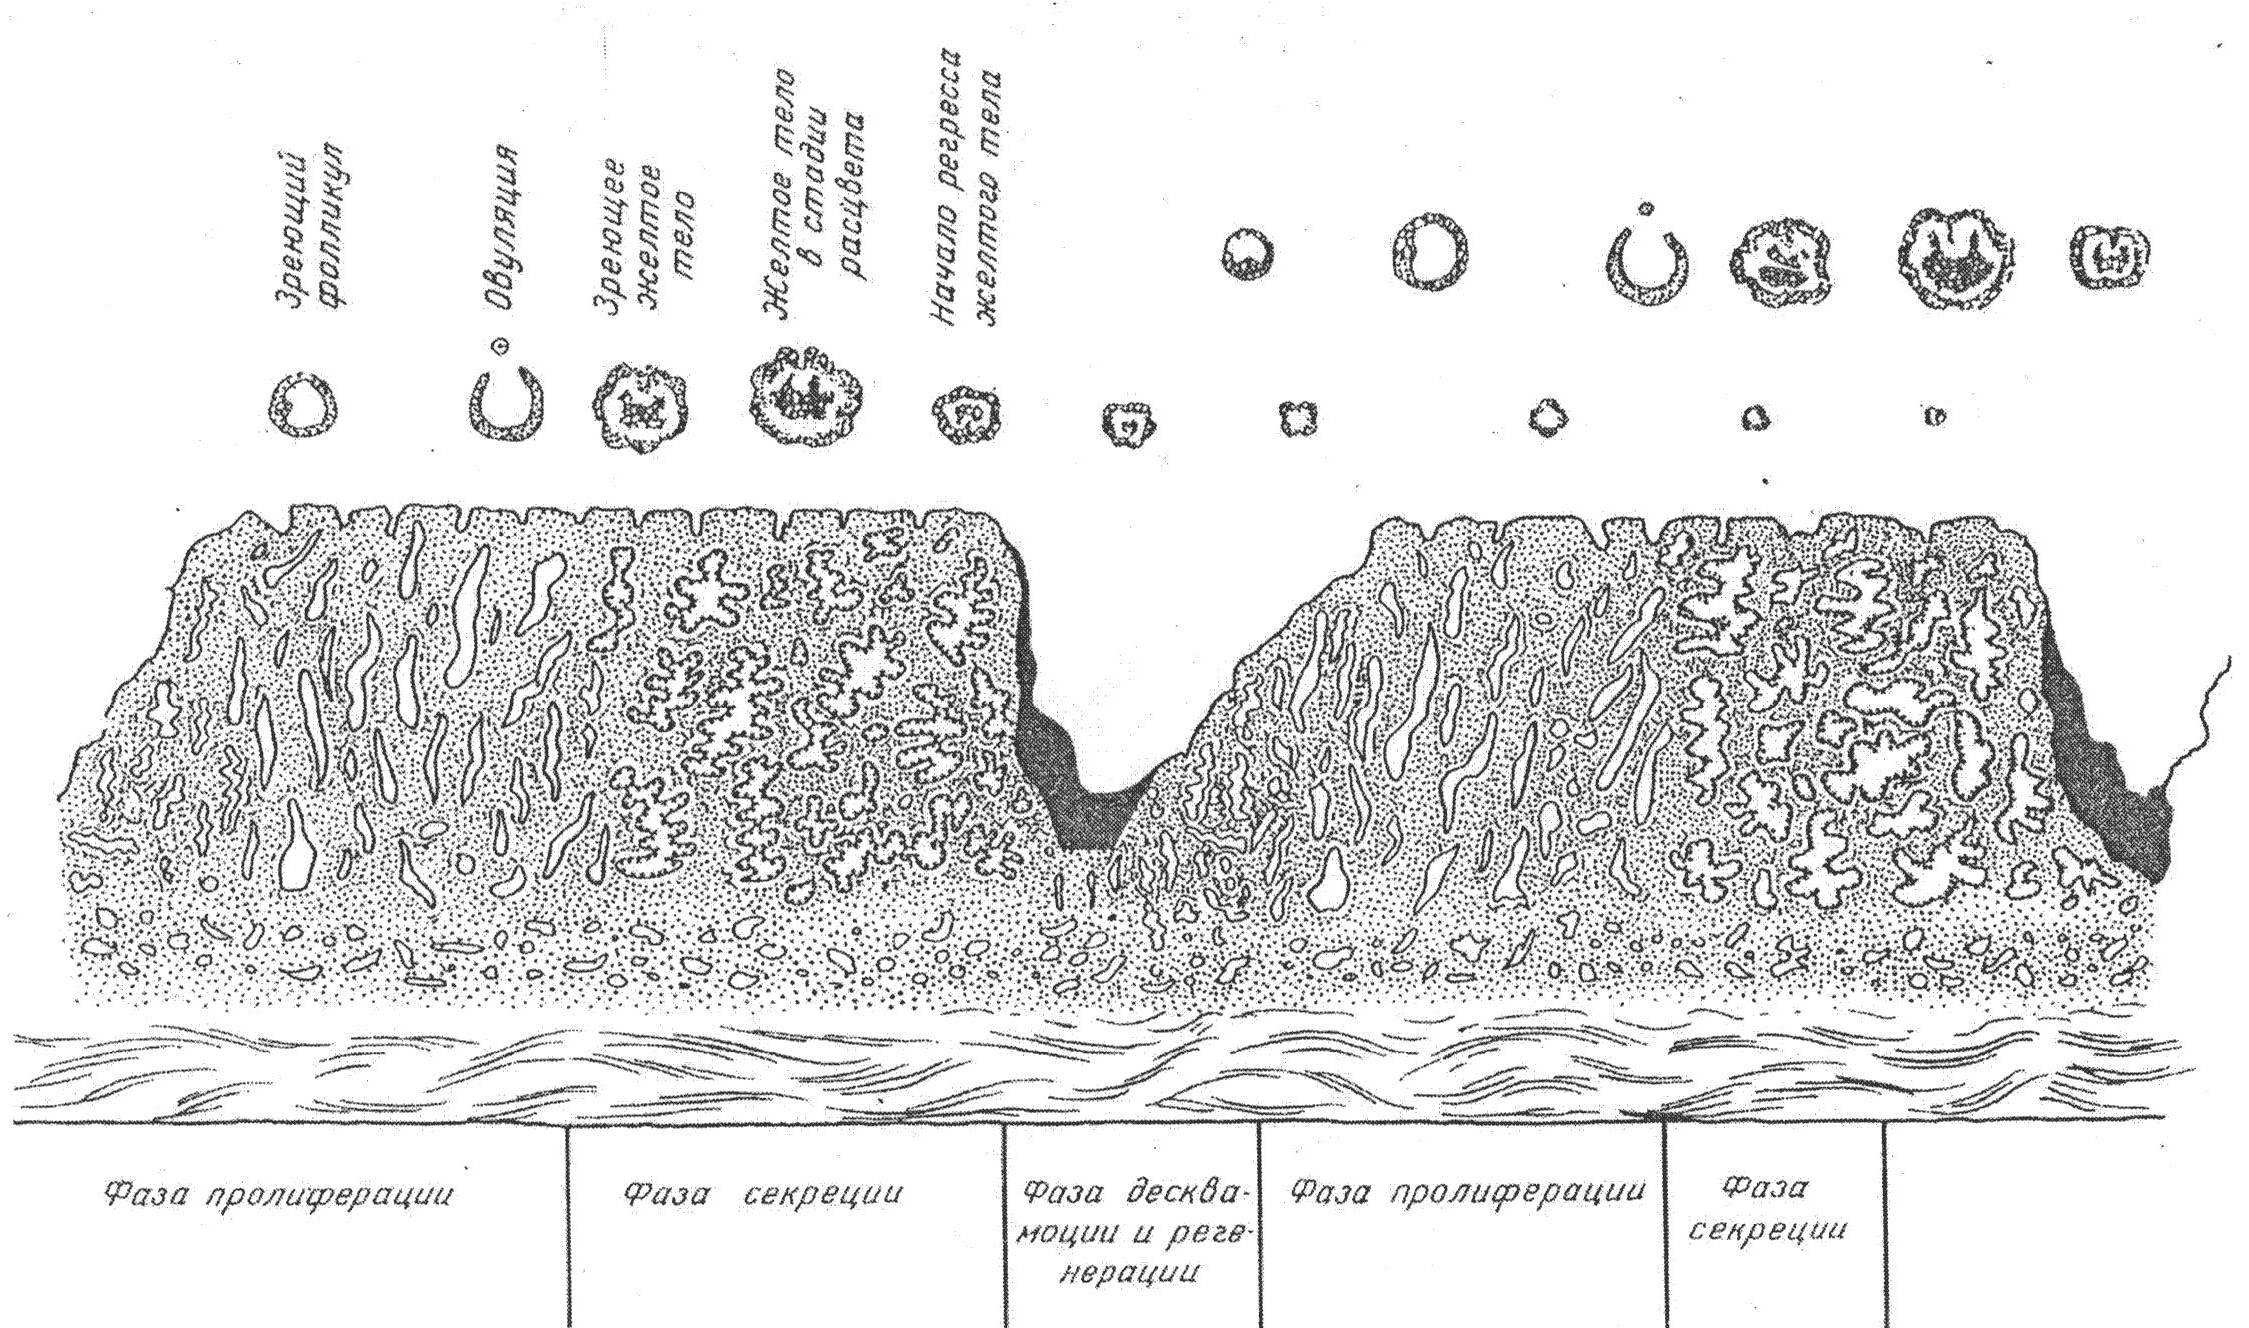 Эндометрий по дням цикла нормы толщины